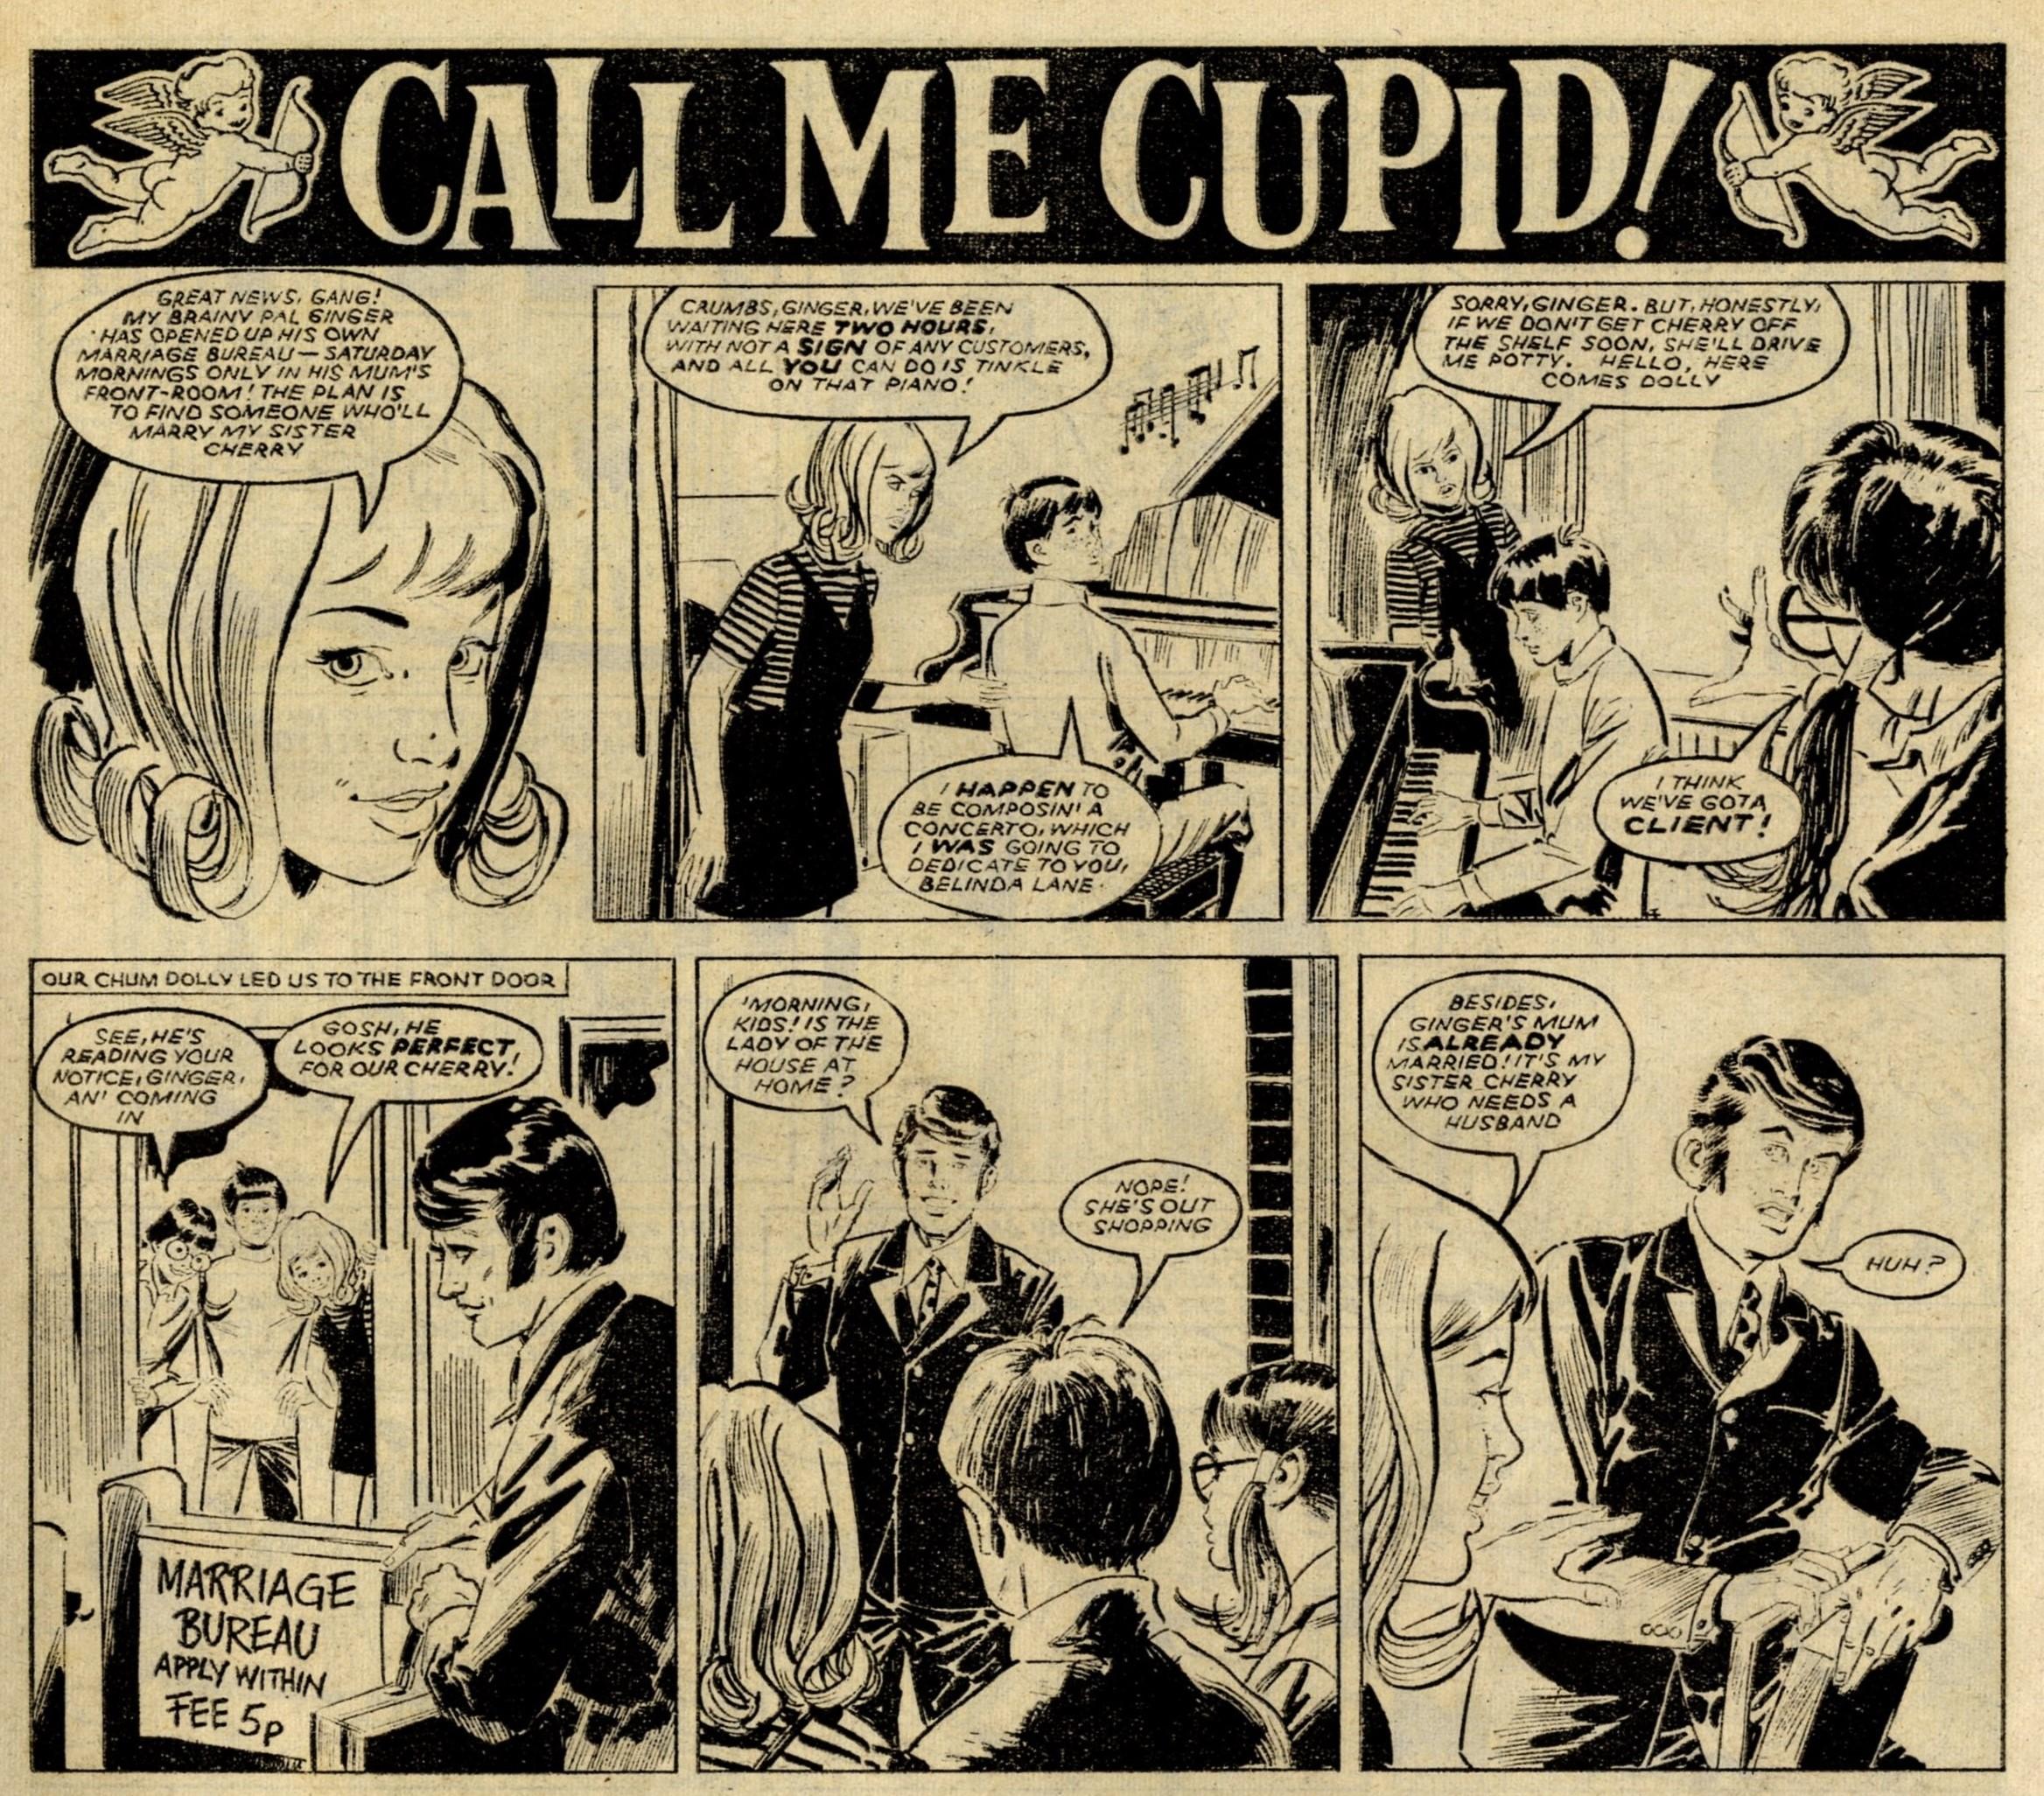 Call Me Cupid!: Bill Baker (artist)